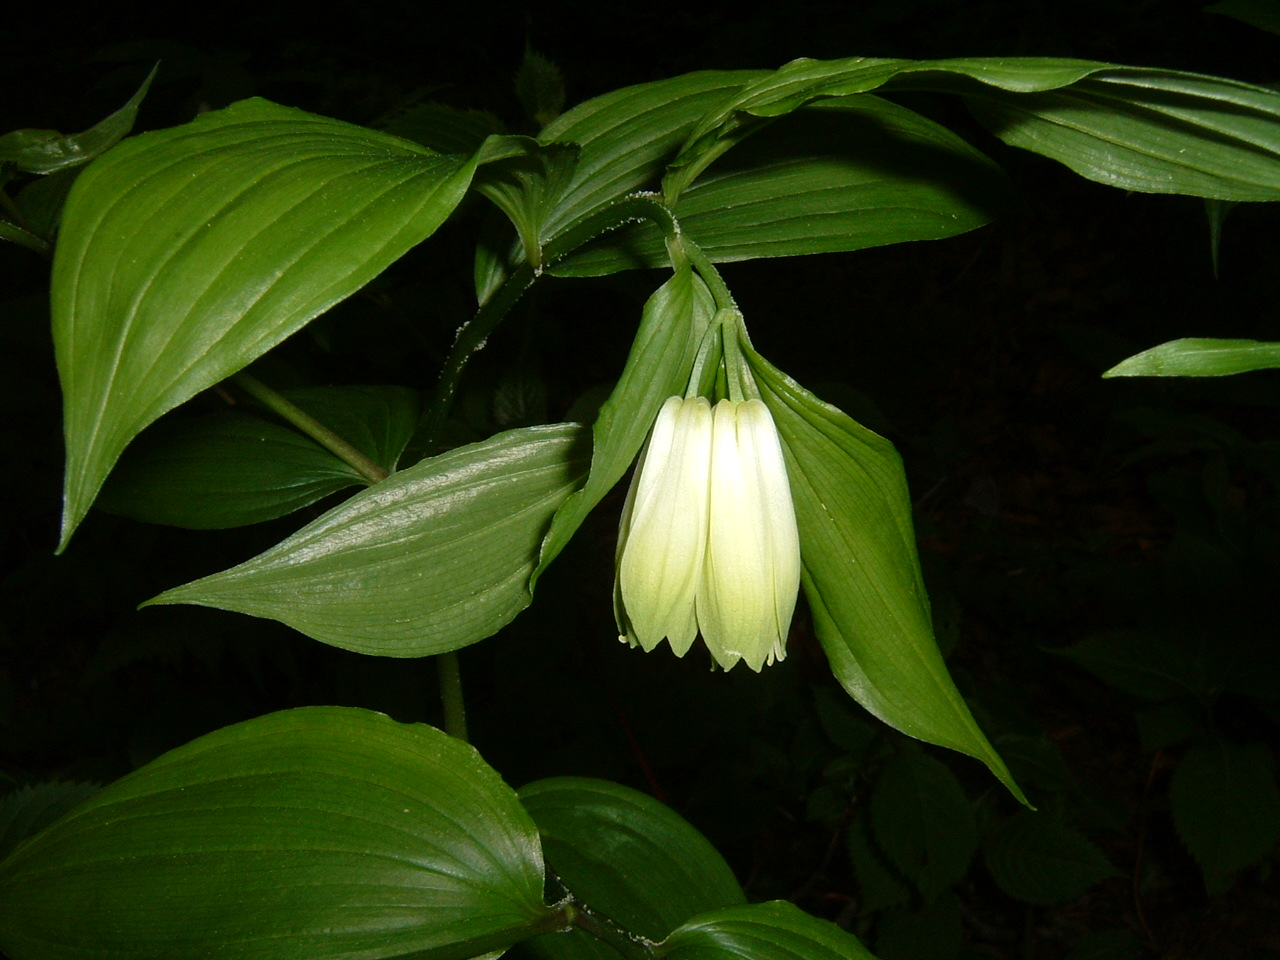 鳥取県大山寺周辺の植物   by (岡田)_c0239329_1453835.jpg